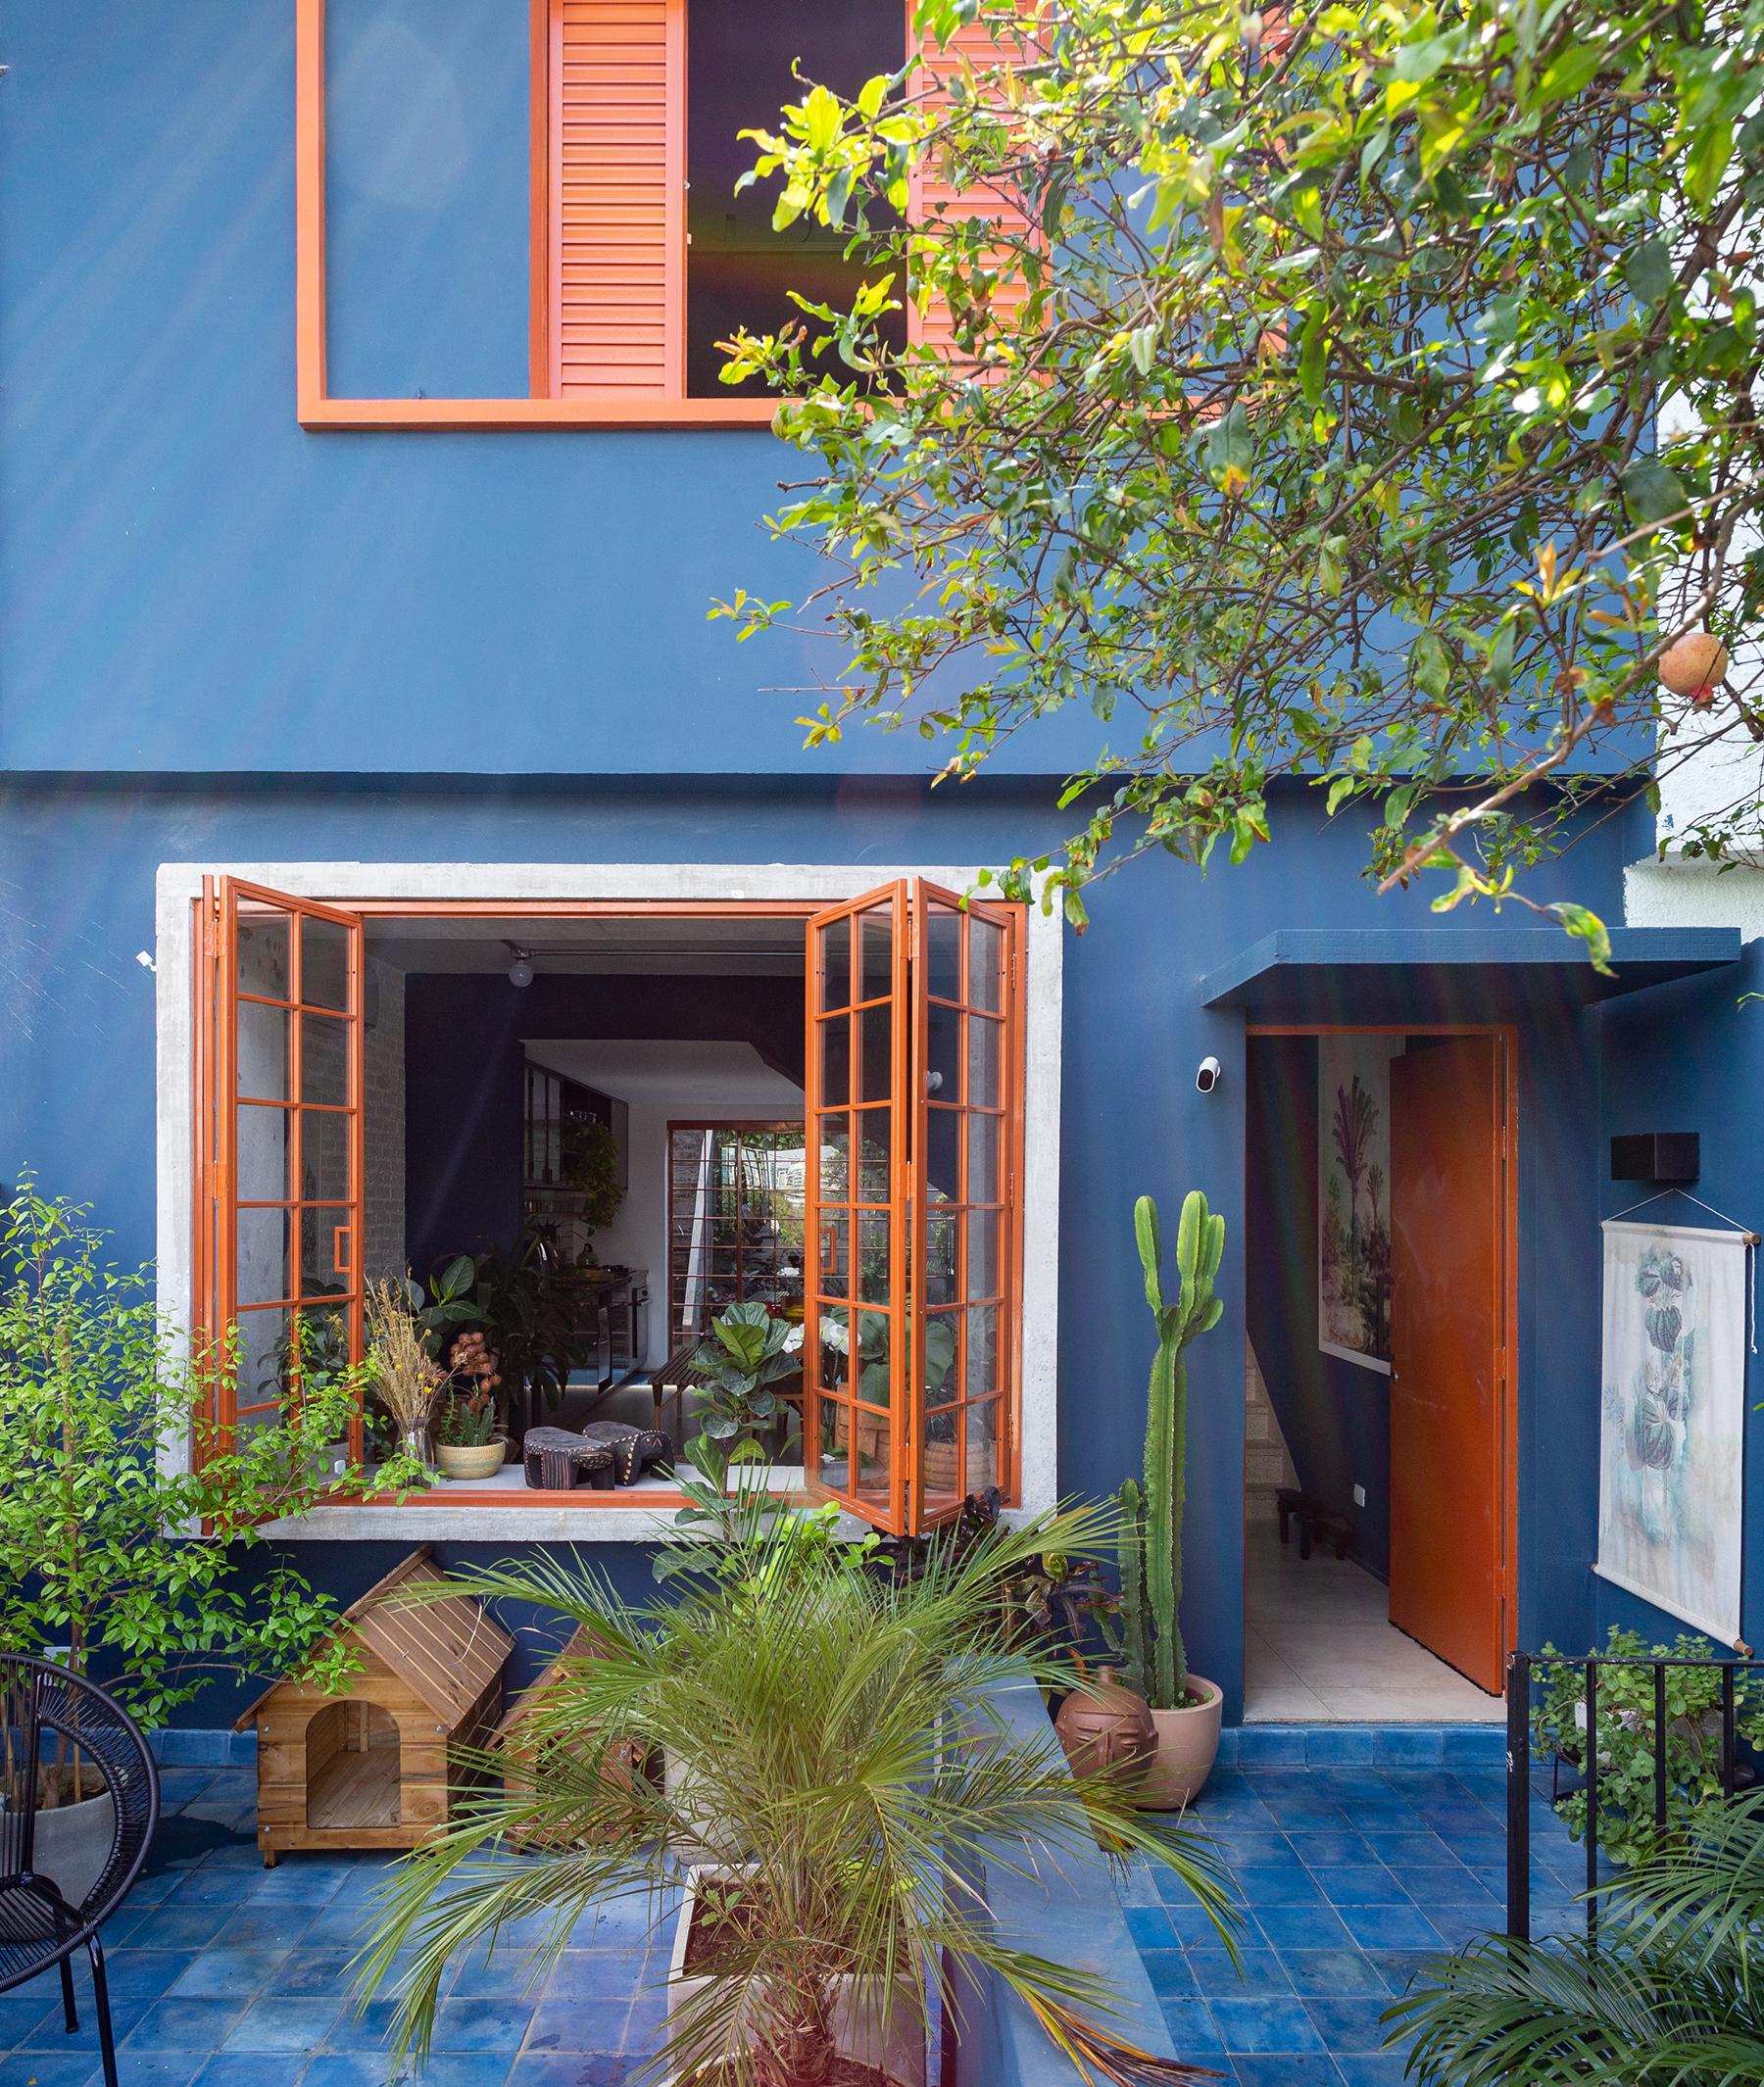 Casa colorida com jardim